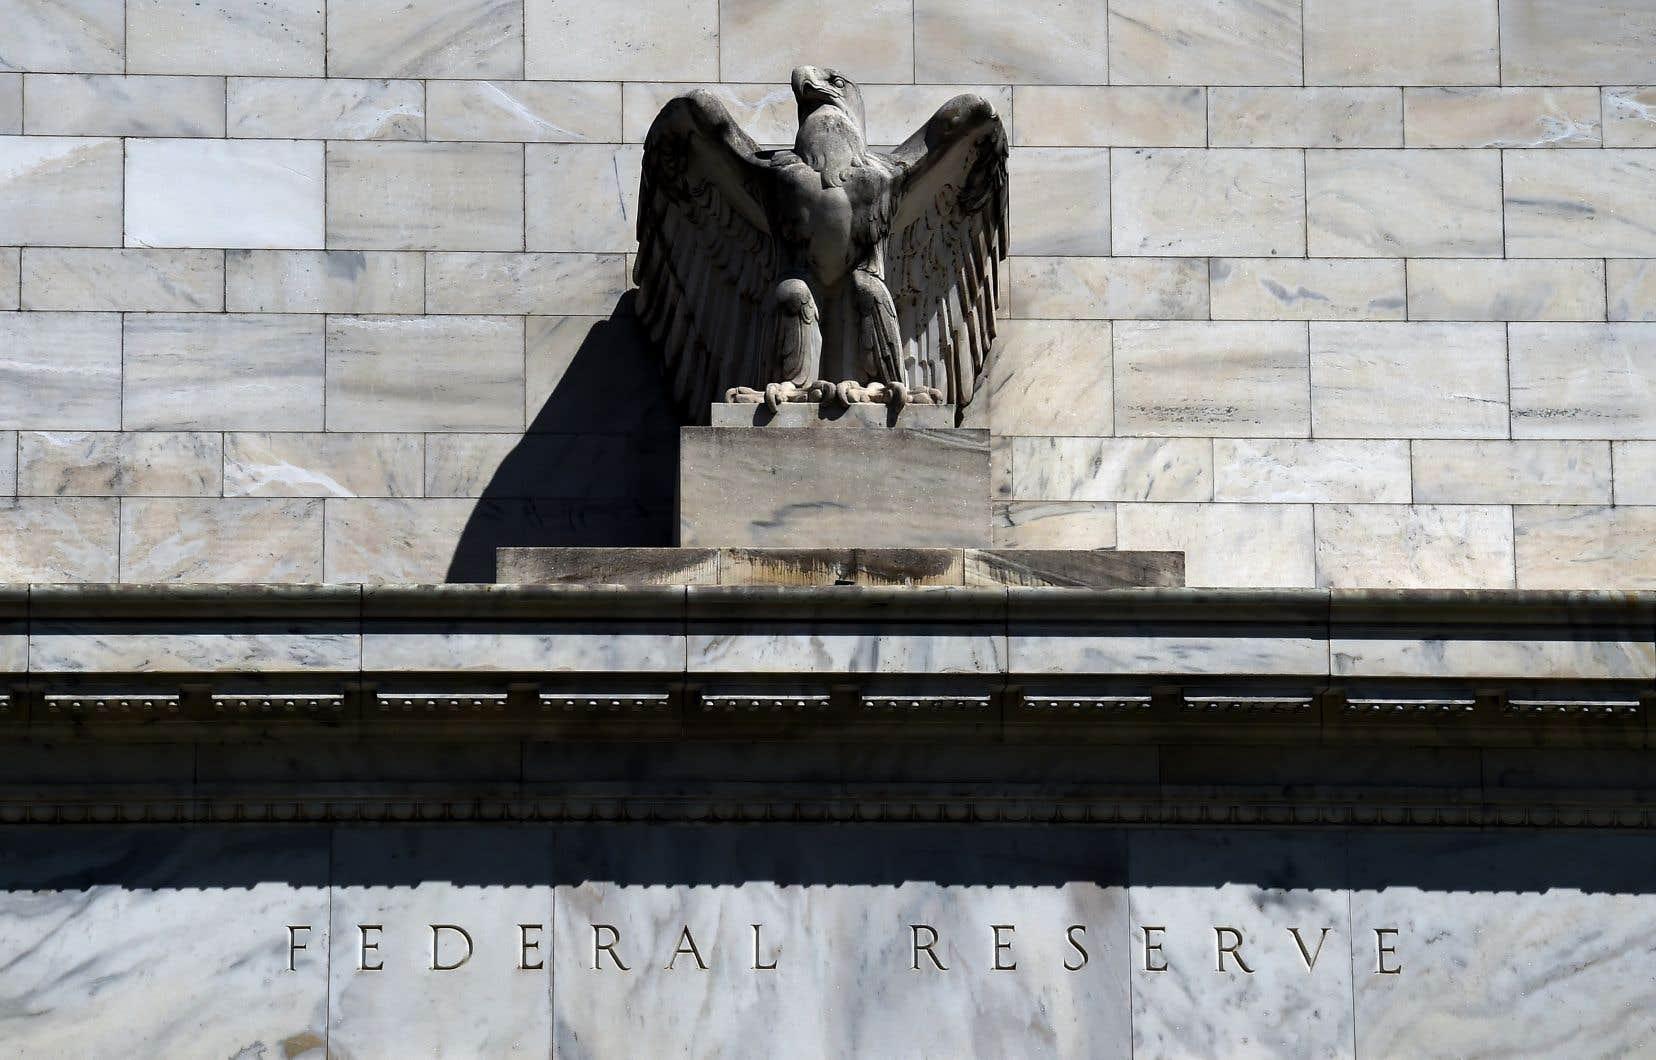 La Fed a rappelé que les 20 millions d'emplois perdus en moins de deux mois effacent les gains accumulés lors de la dernière décennie.